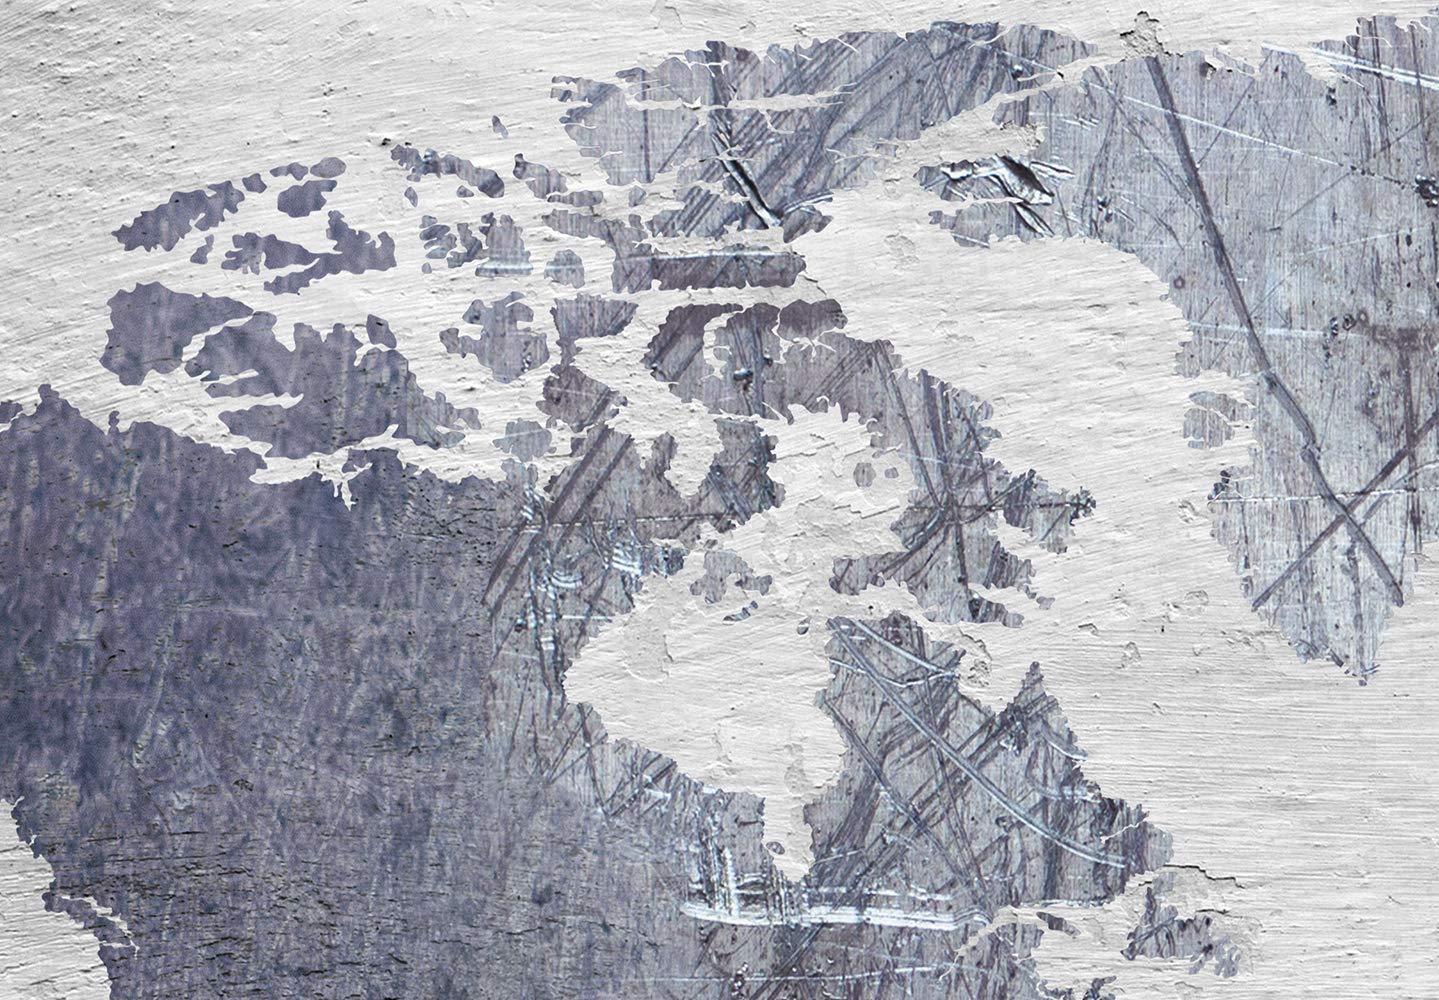 murando Mega XXXL Mappa del Mondo Quadro 160x80 cm Uno Speciale Quadro su Tela nel Formato XXL Foto gande su Tela Stampo Artistico Calcestruzzo k-C-0087-ak-e